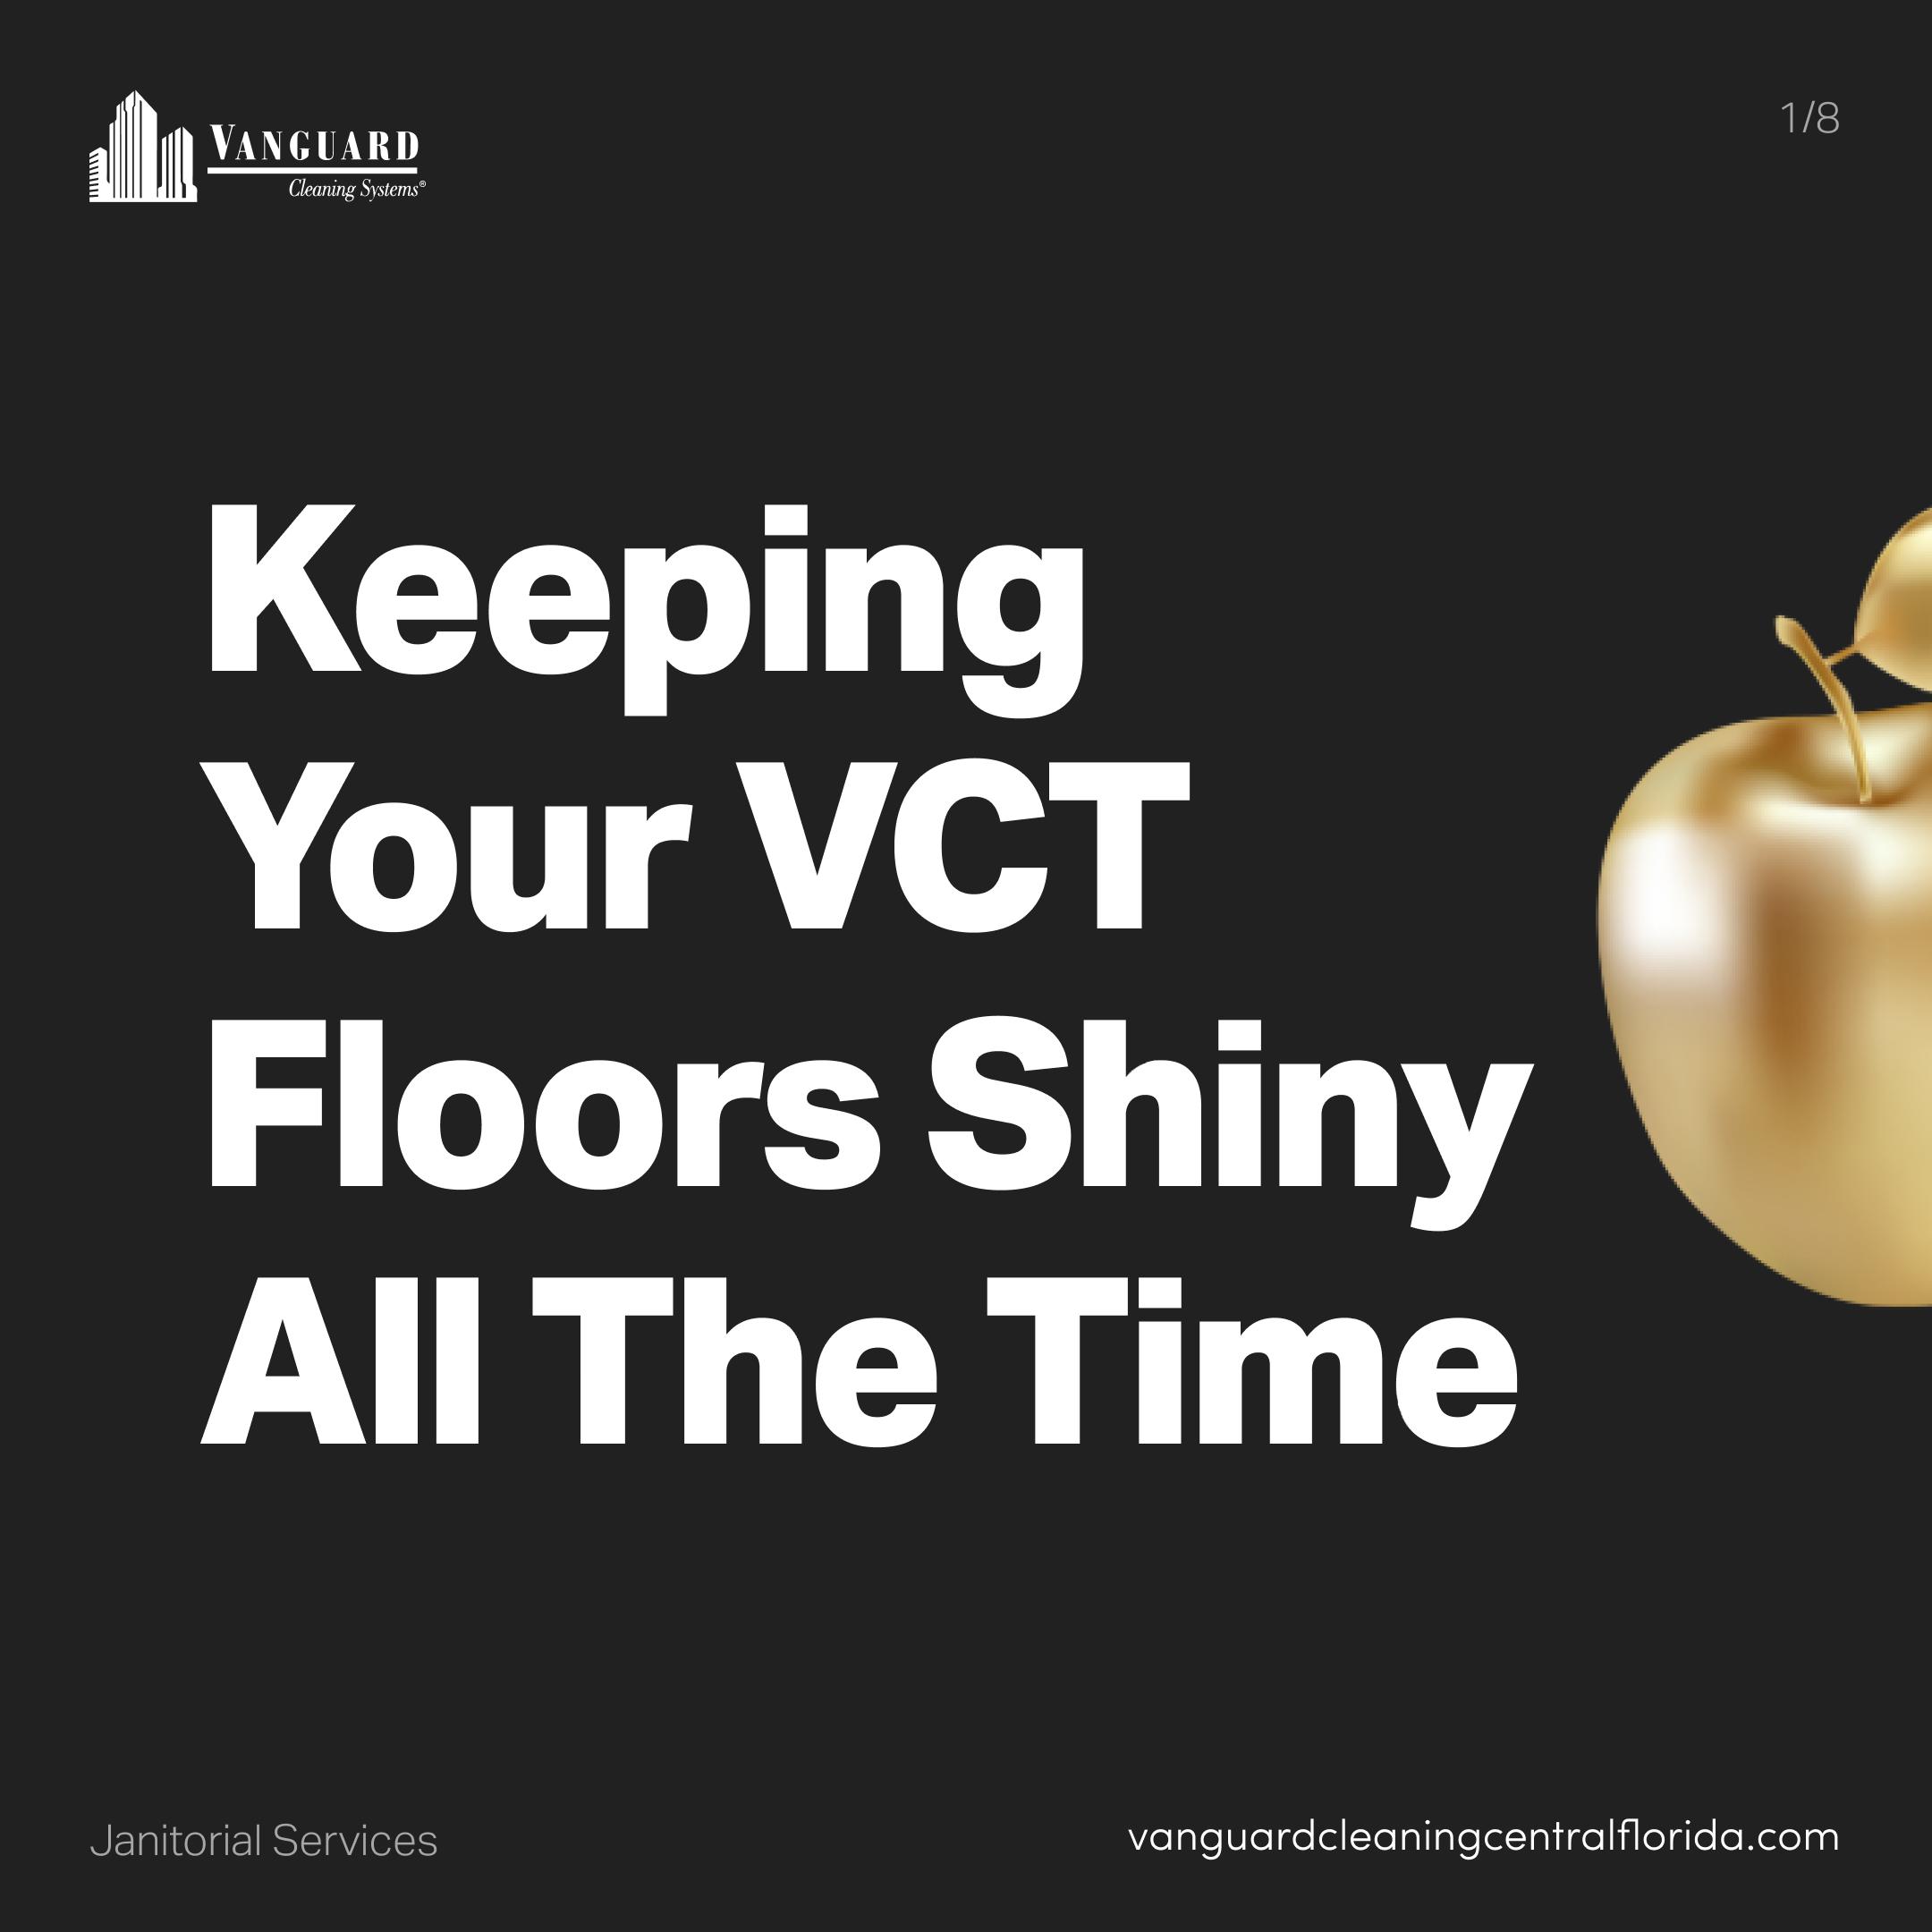 Keep your VCT floors shiny